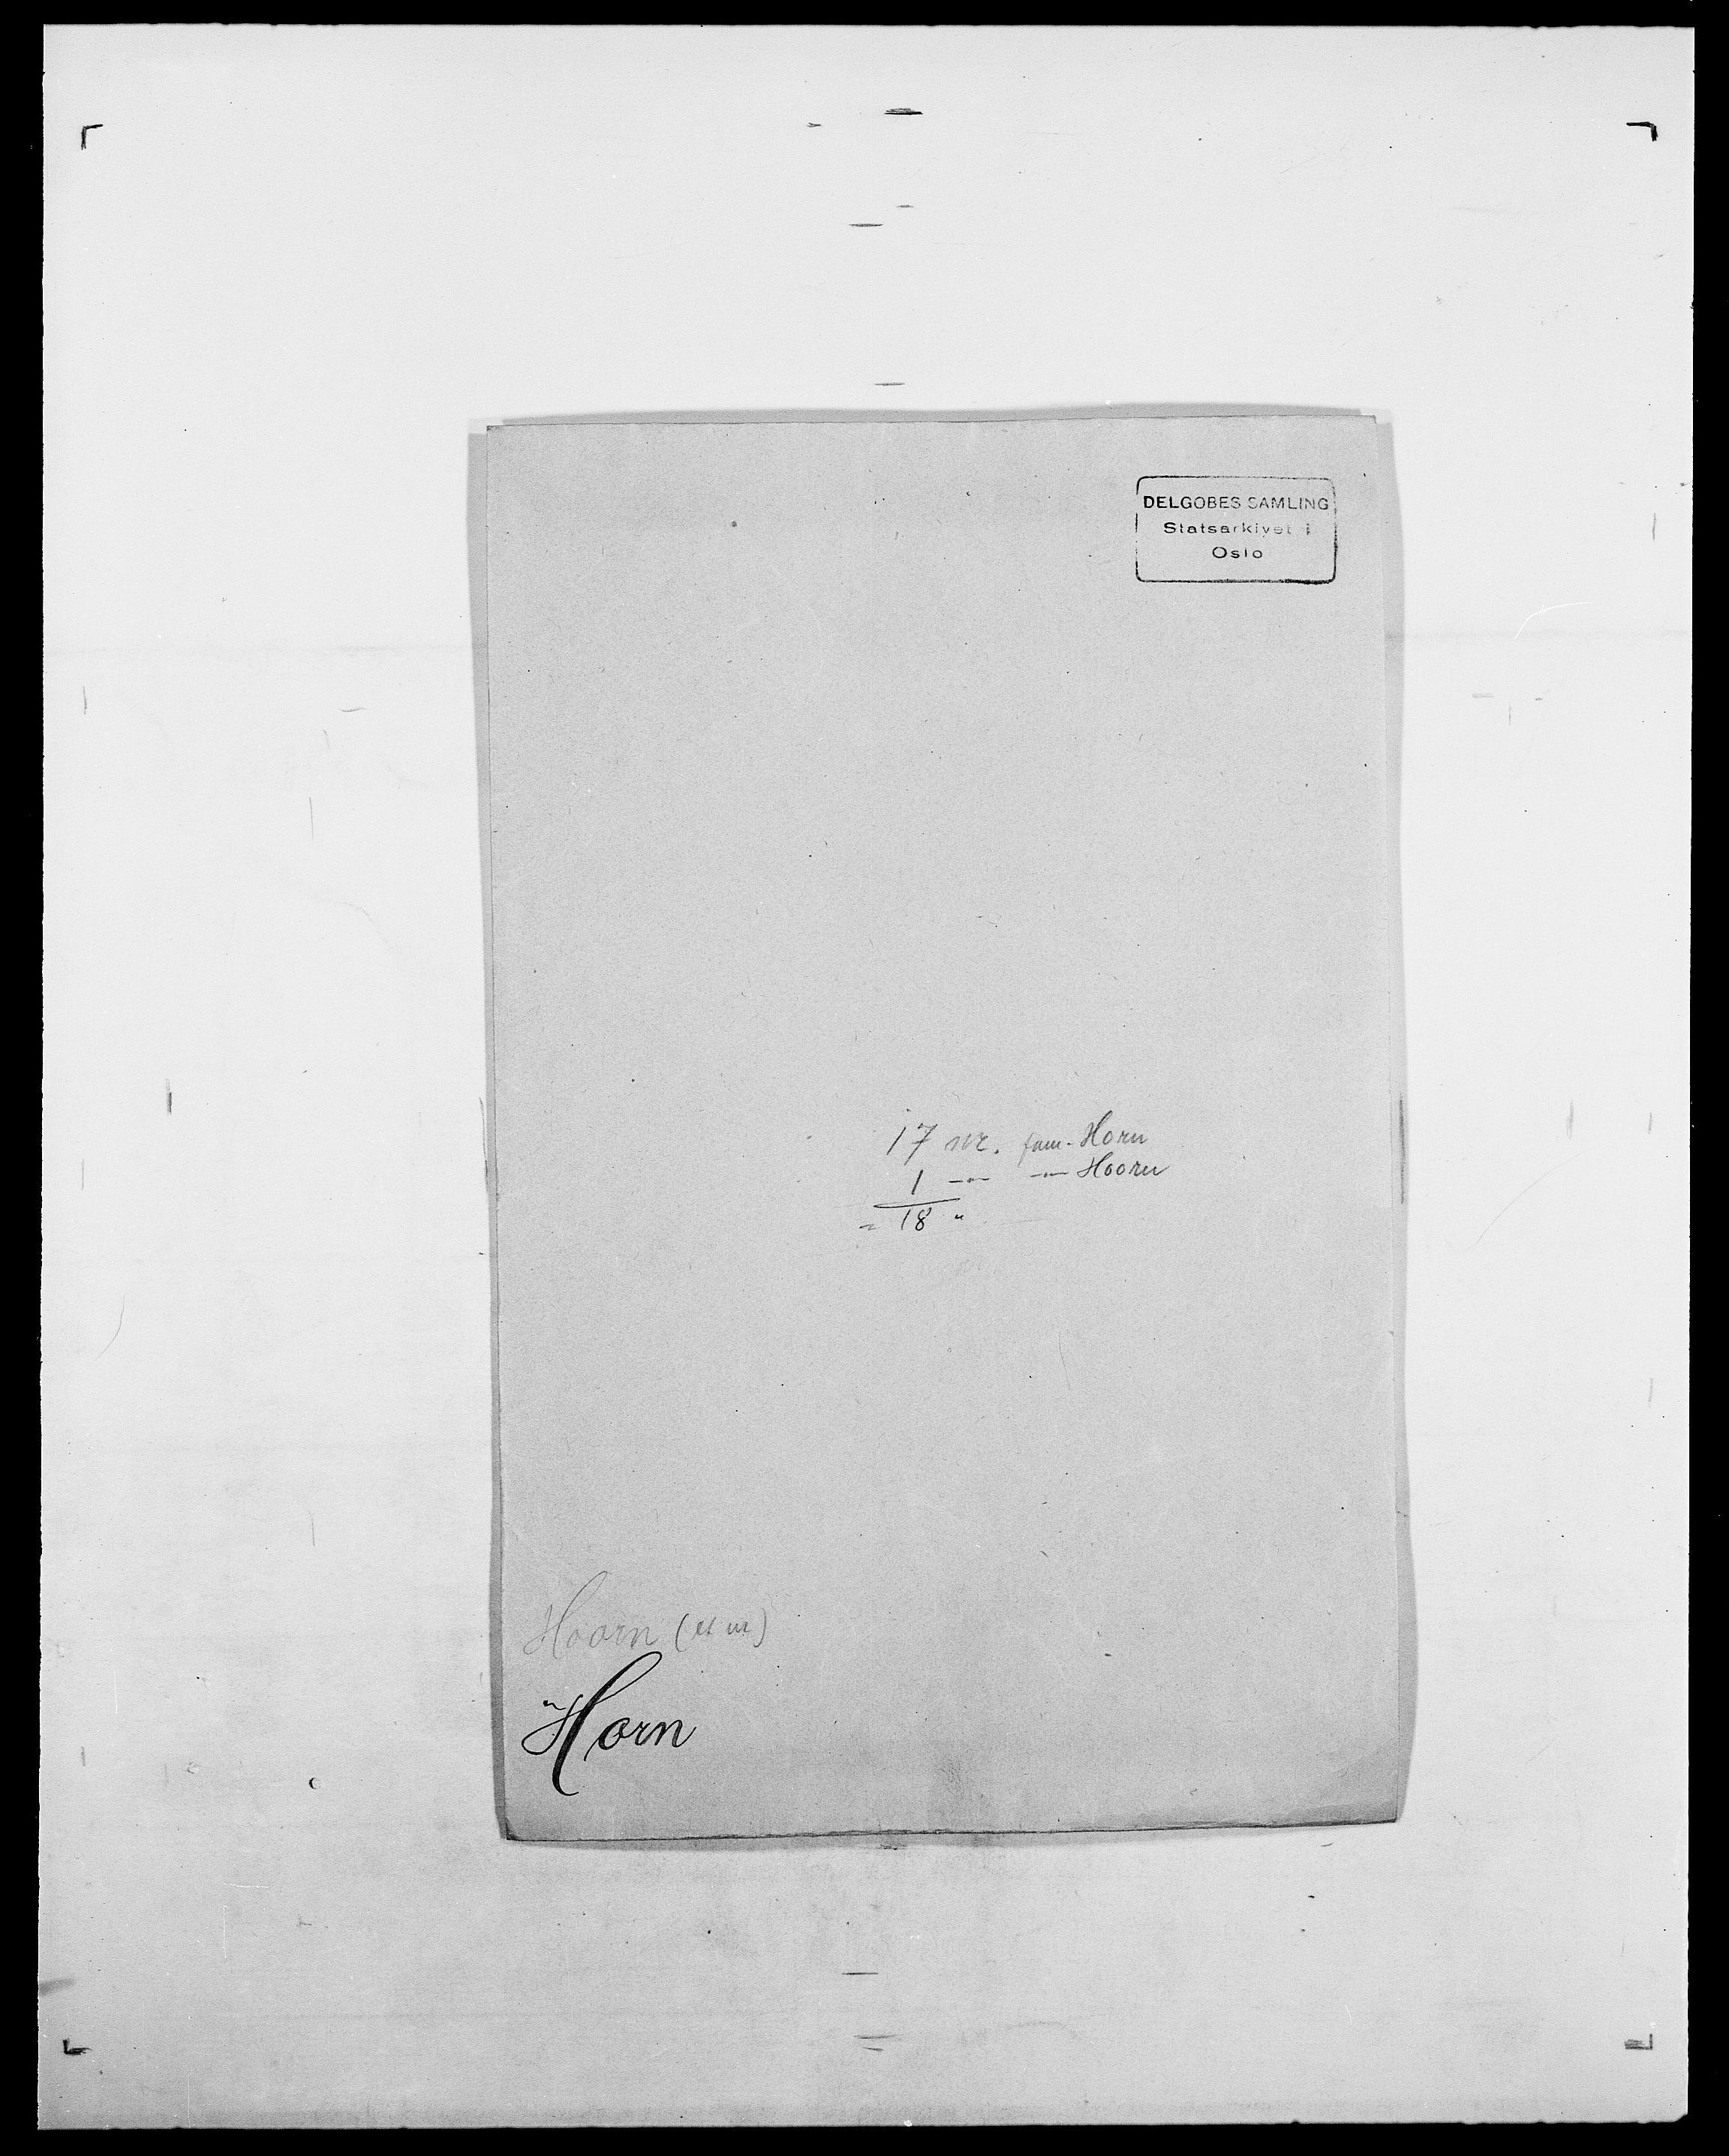 SAO, Delgobe, Charles Antoine - samling, D/Da/L0018: Hoch - Howert, s. 903